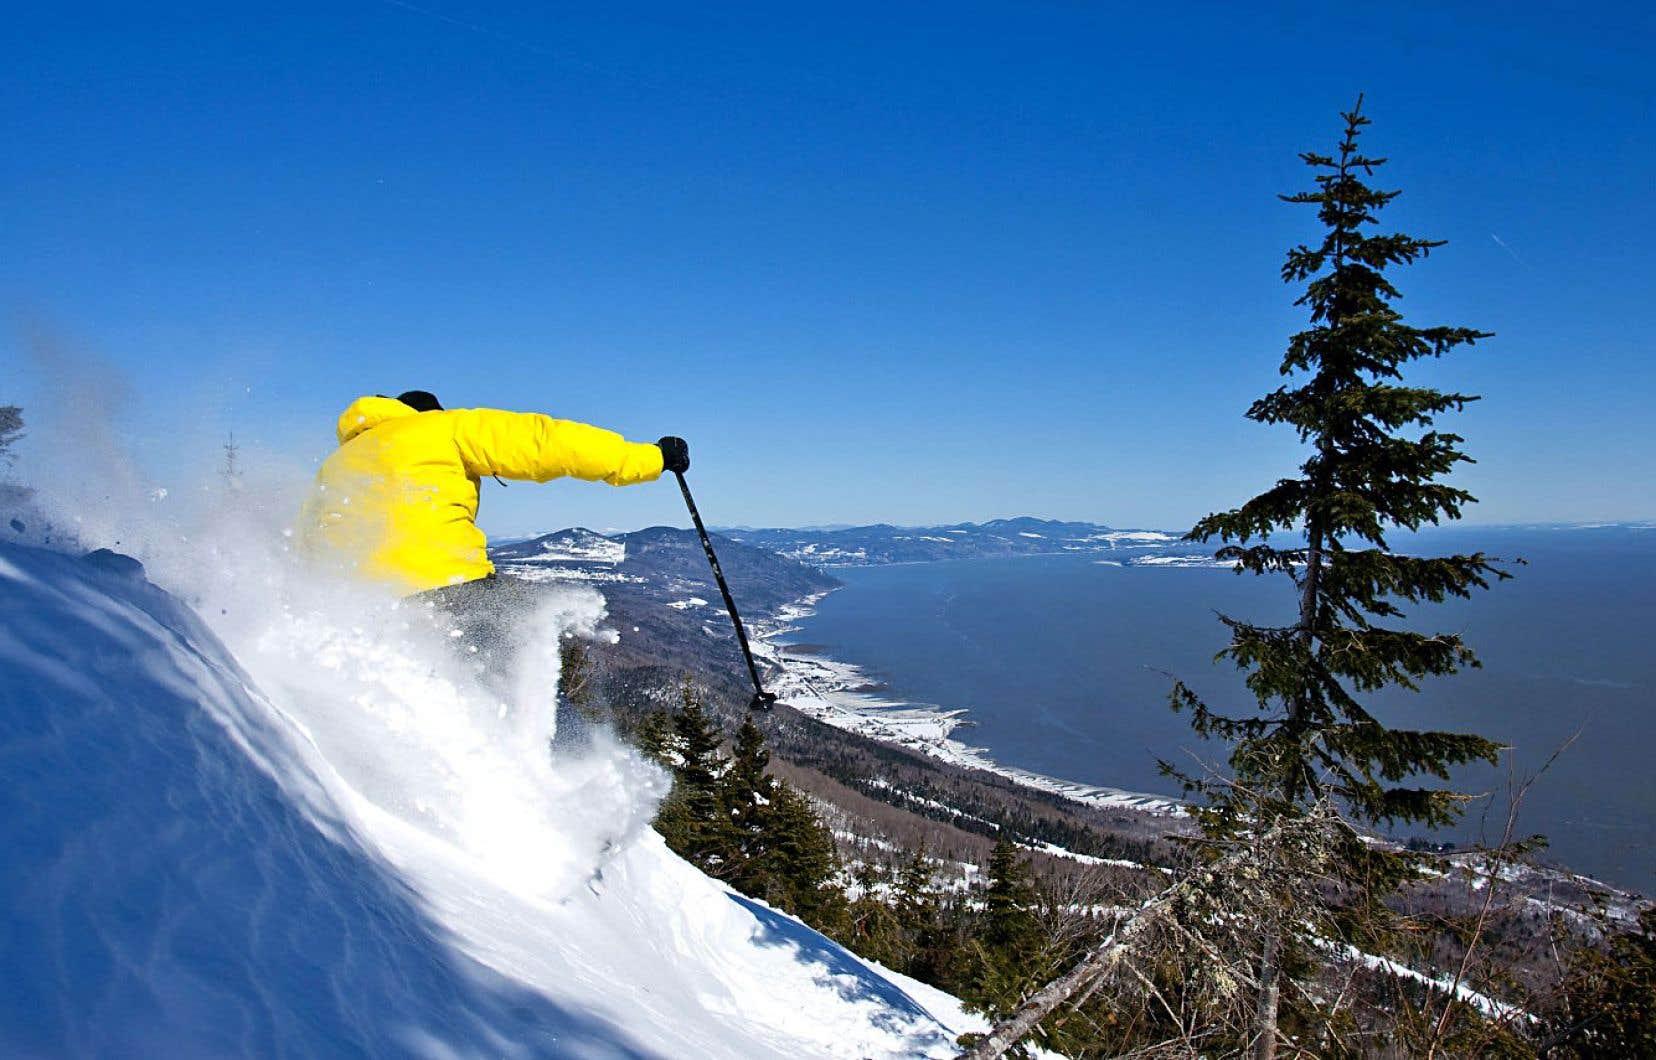 Bien que Le Massif soit surtout reconnu pour le ski, Club Med entend en faire une destination quatre saisons.